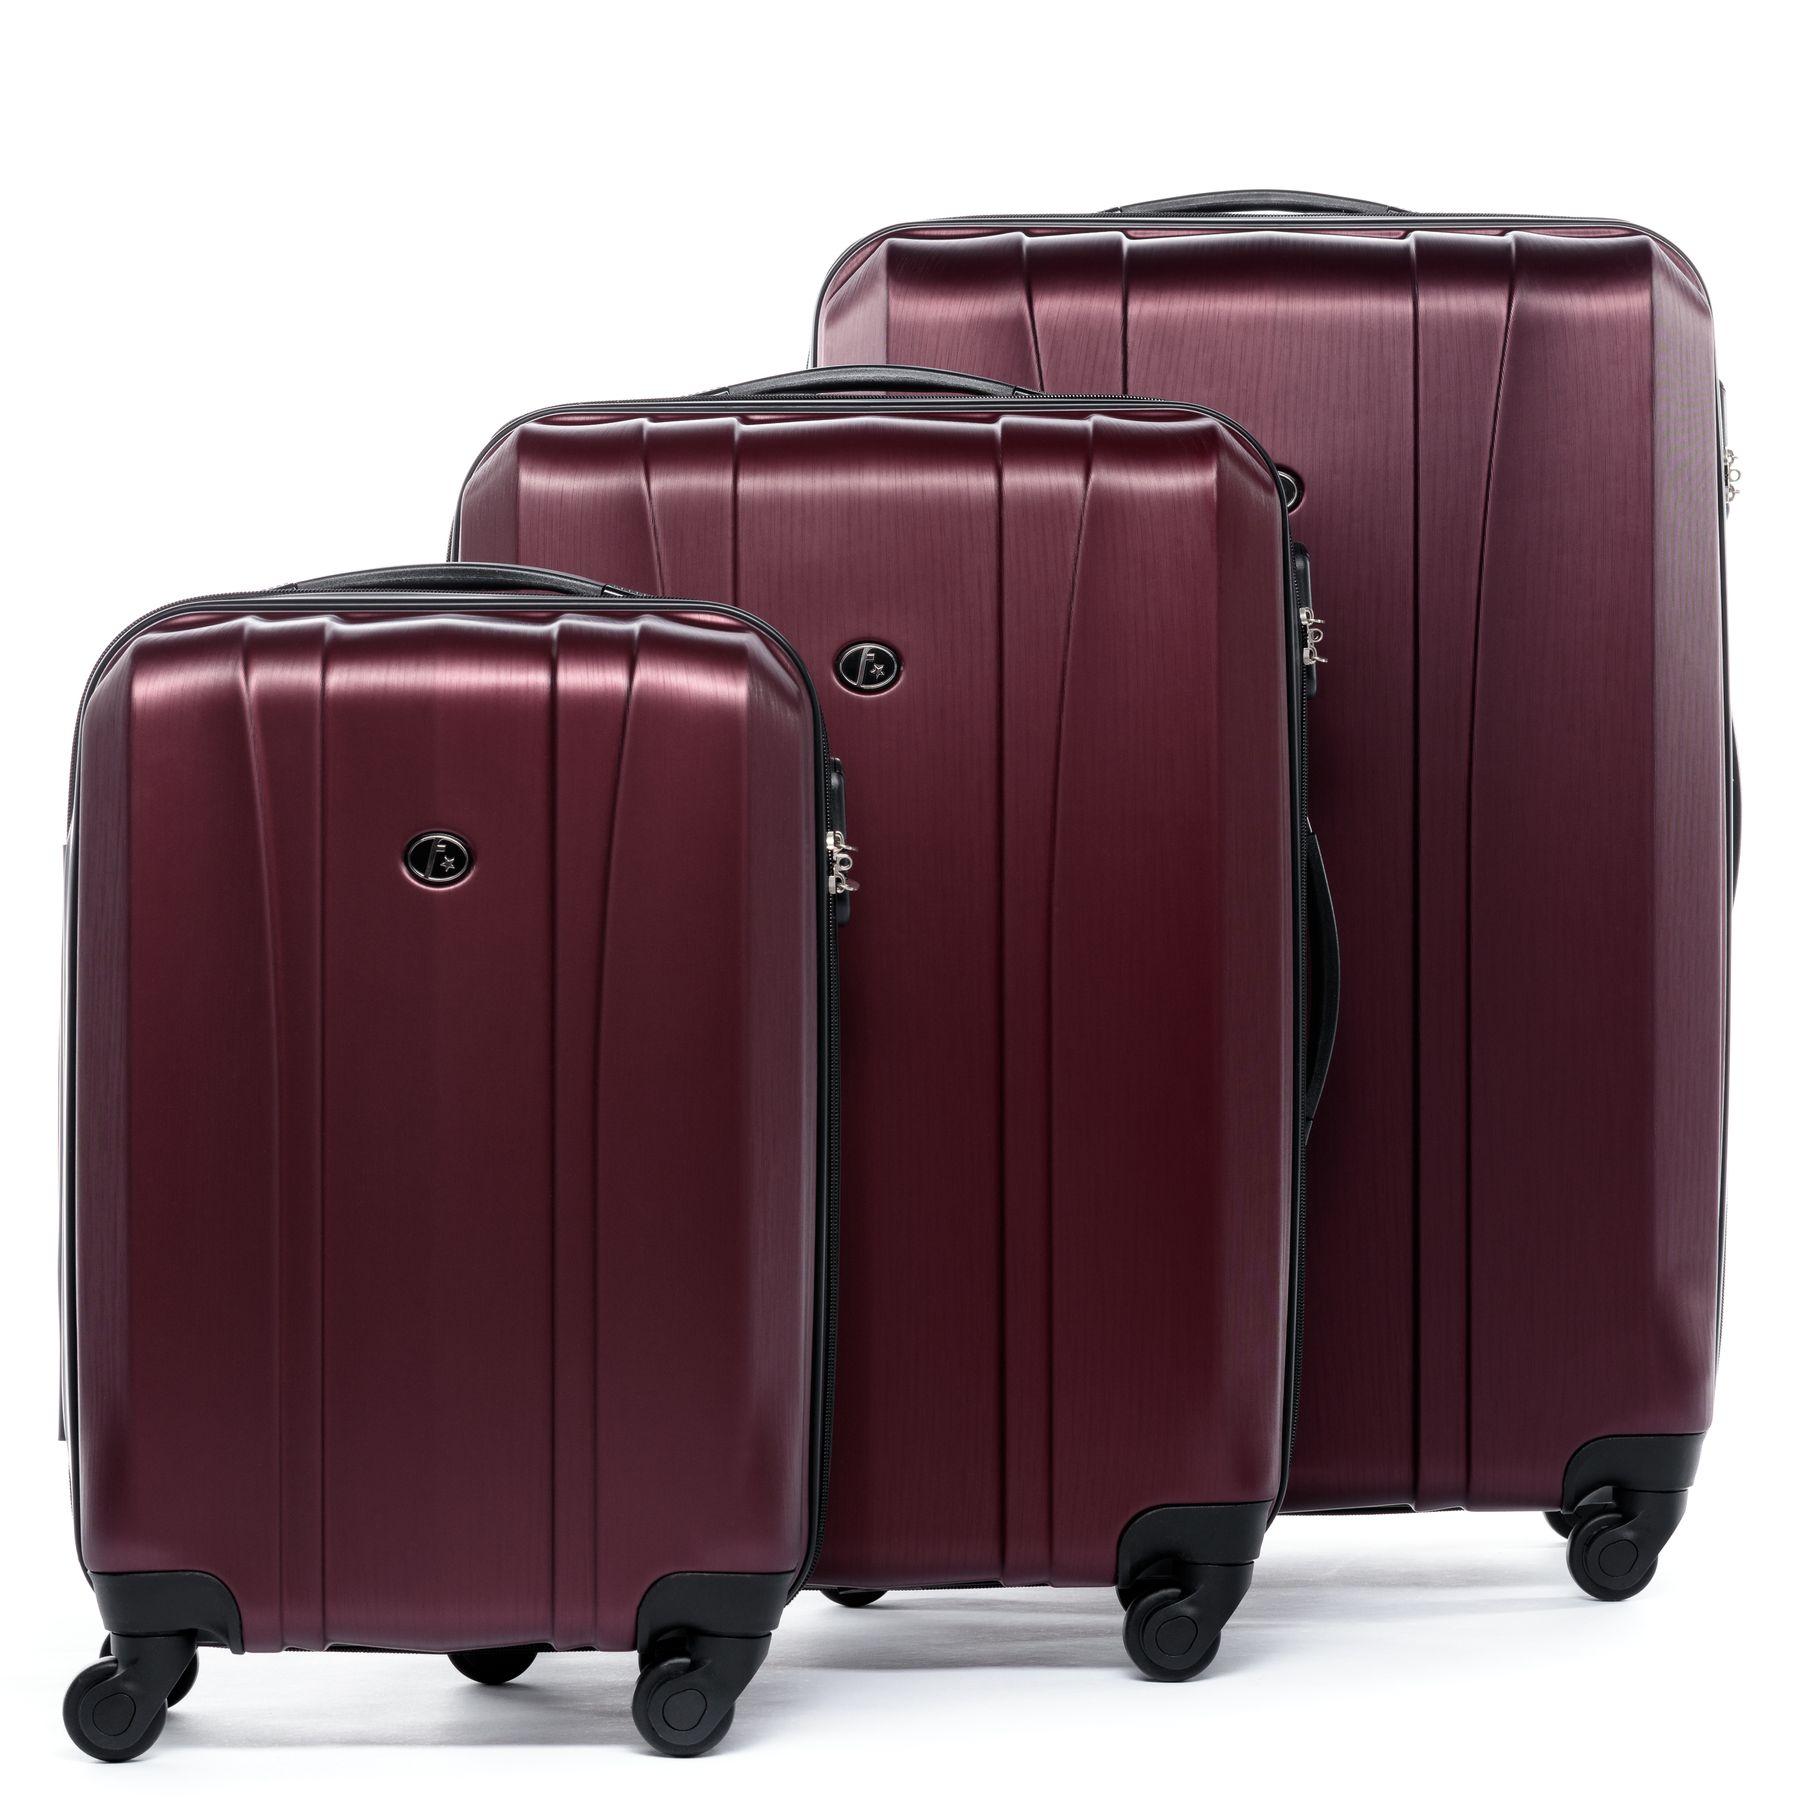 ferg 3er kofferset hartschale reise koffer trolley set 3 teilig 4 rollen rot ebay. Black Bedroom Furniture Sets. Home Design Ideas